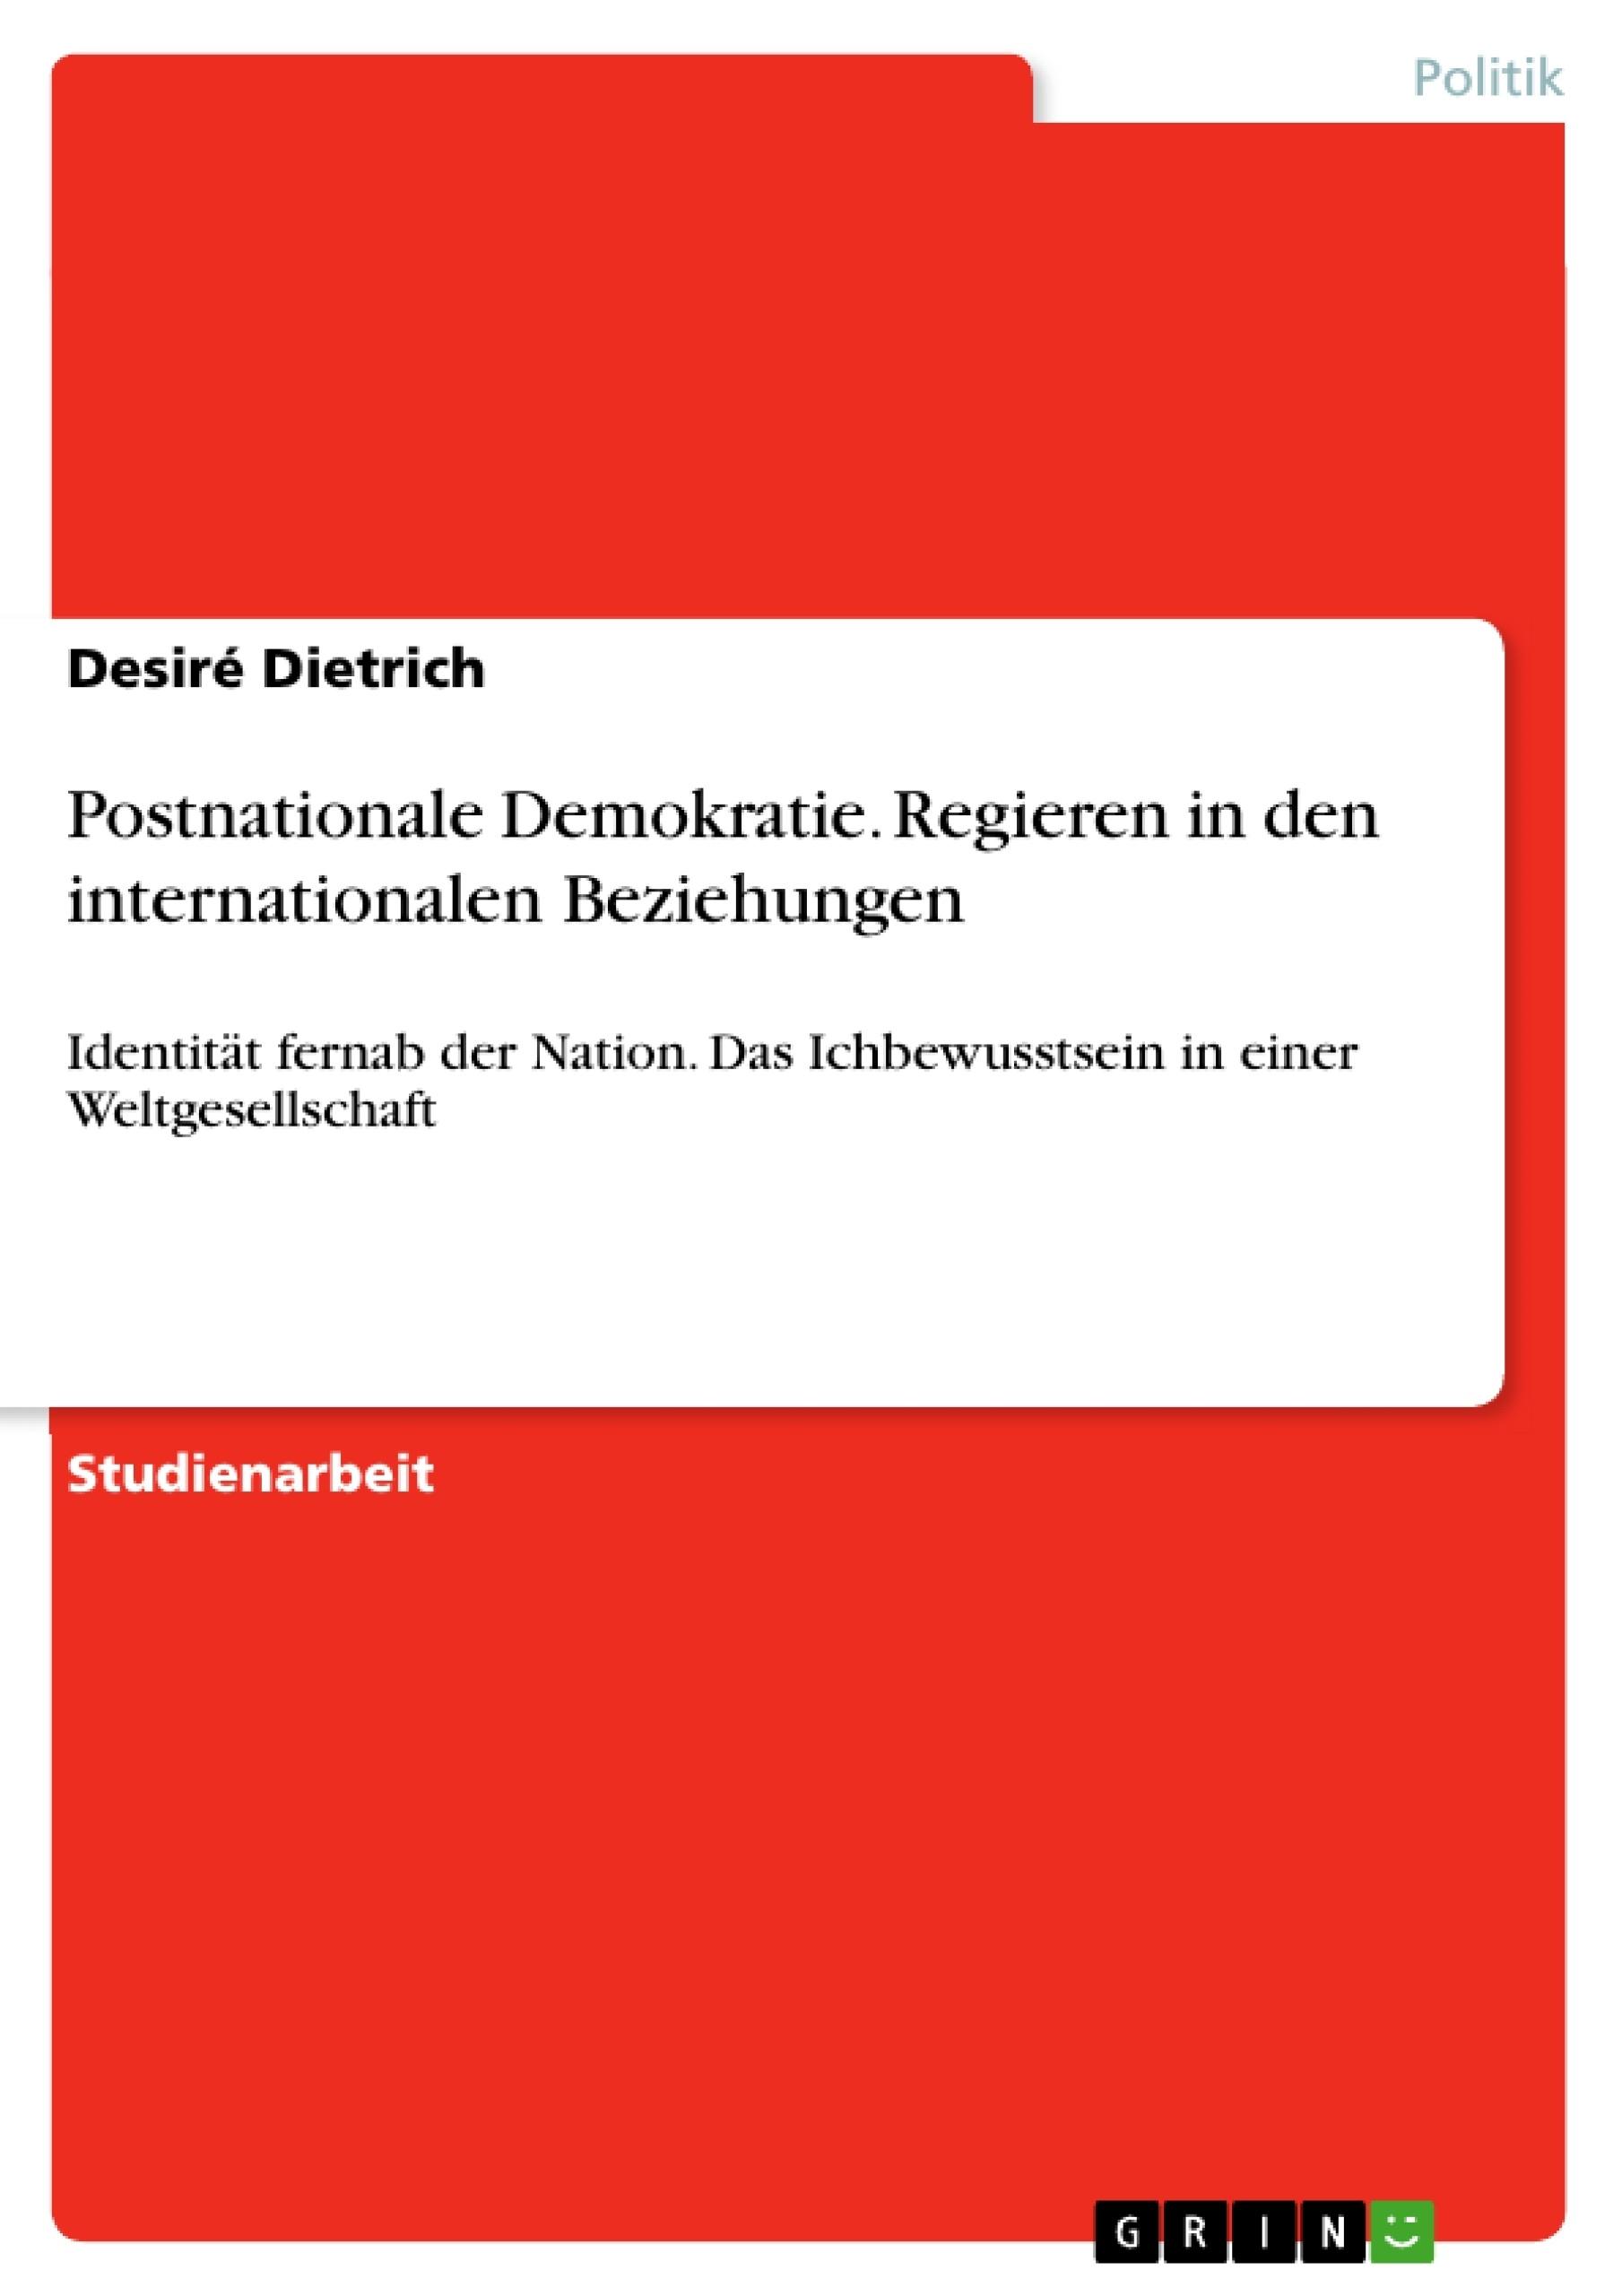 Titel: Postnationale Demokratie. Regieren in den internationalen Beziehungen